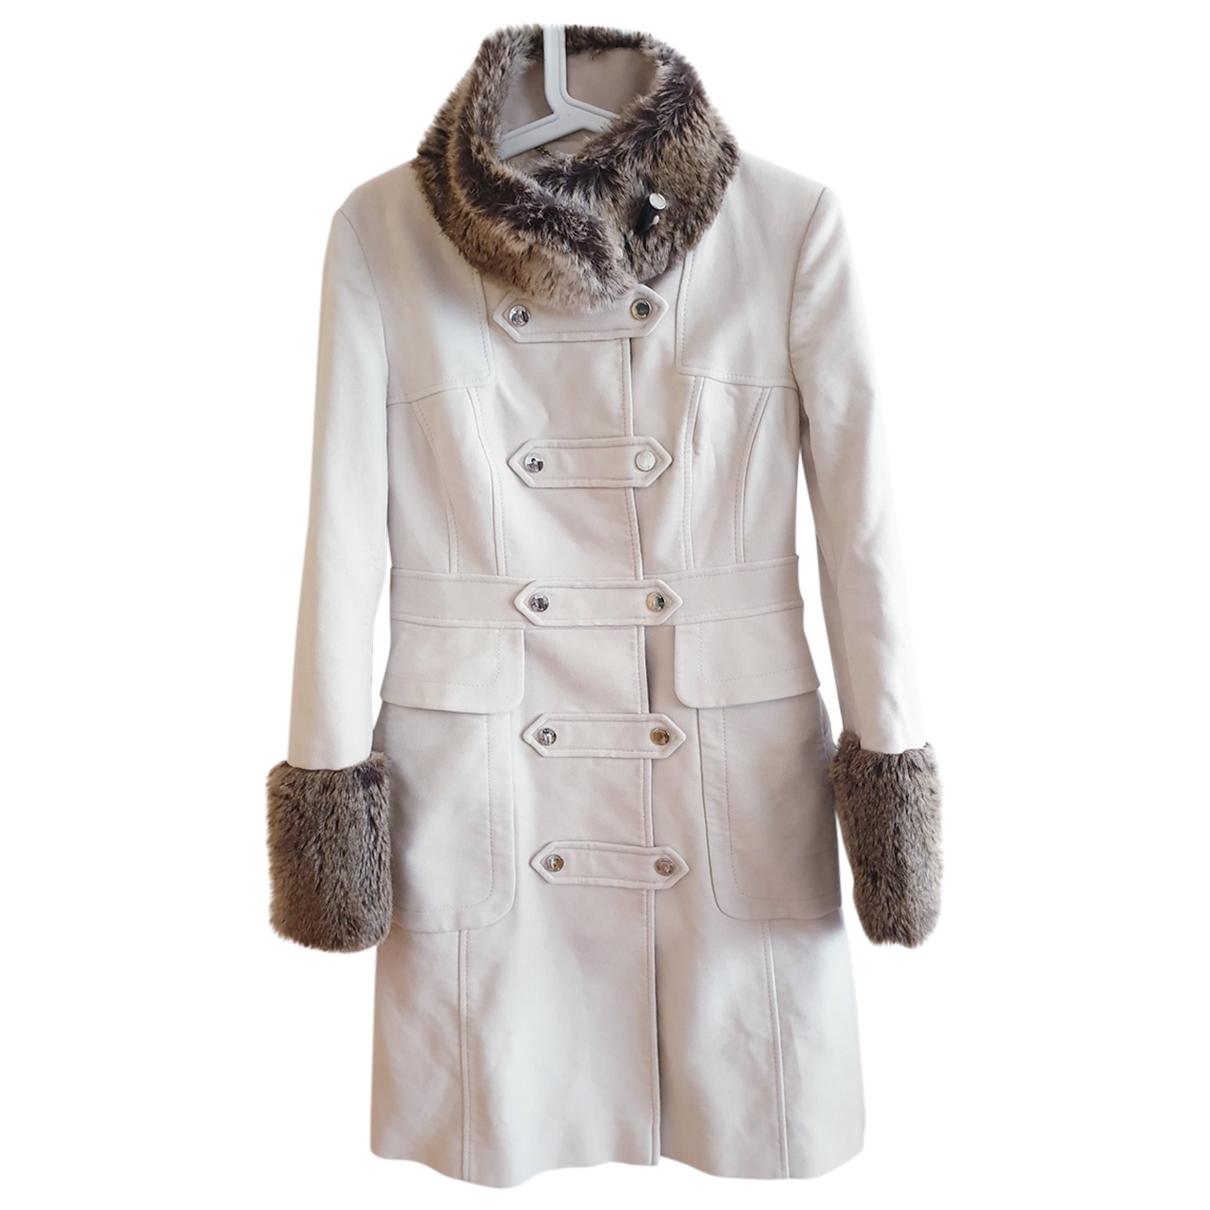 Karen Millen \N Beige Cotton coat for Women 12 UK